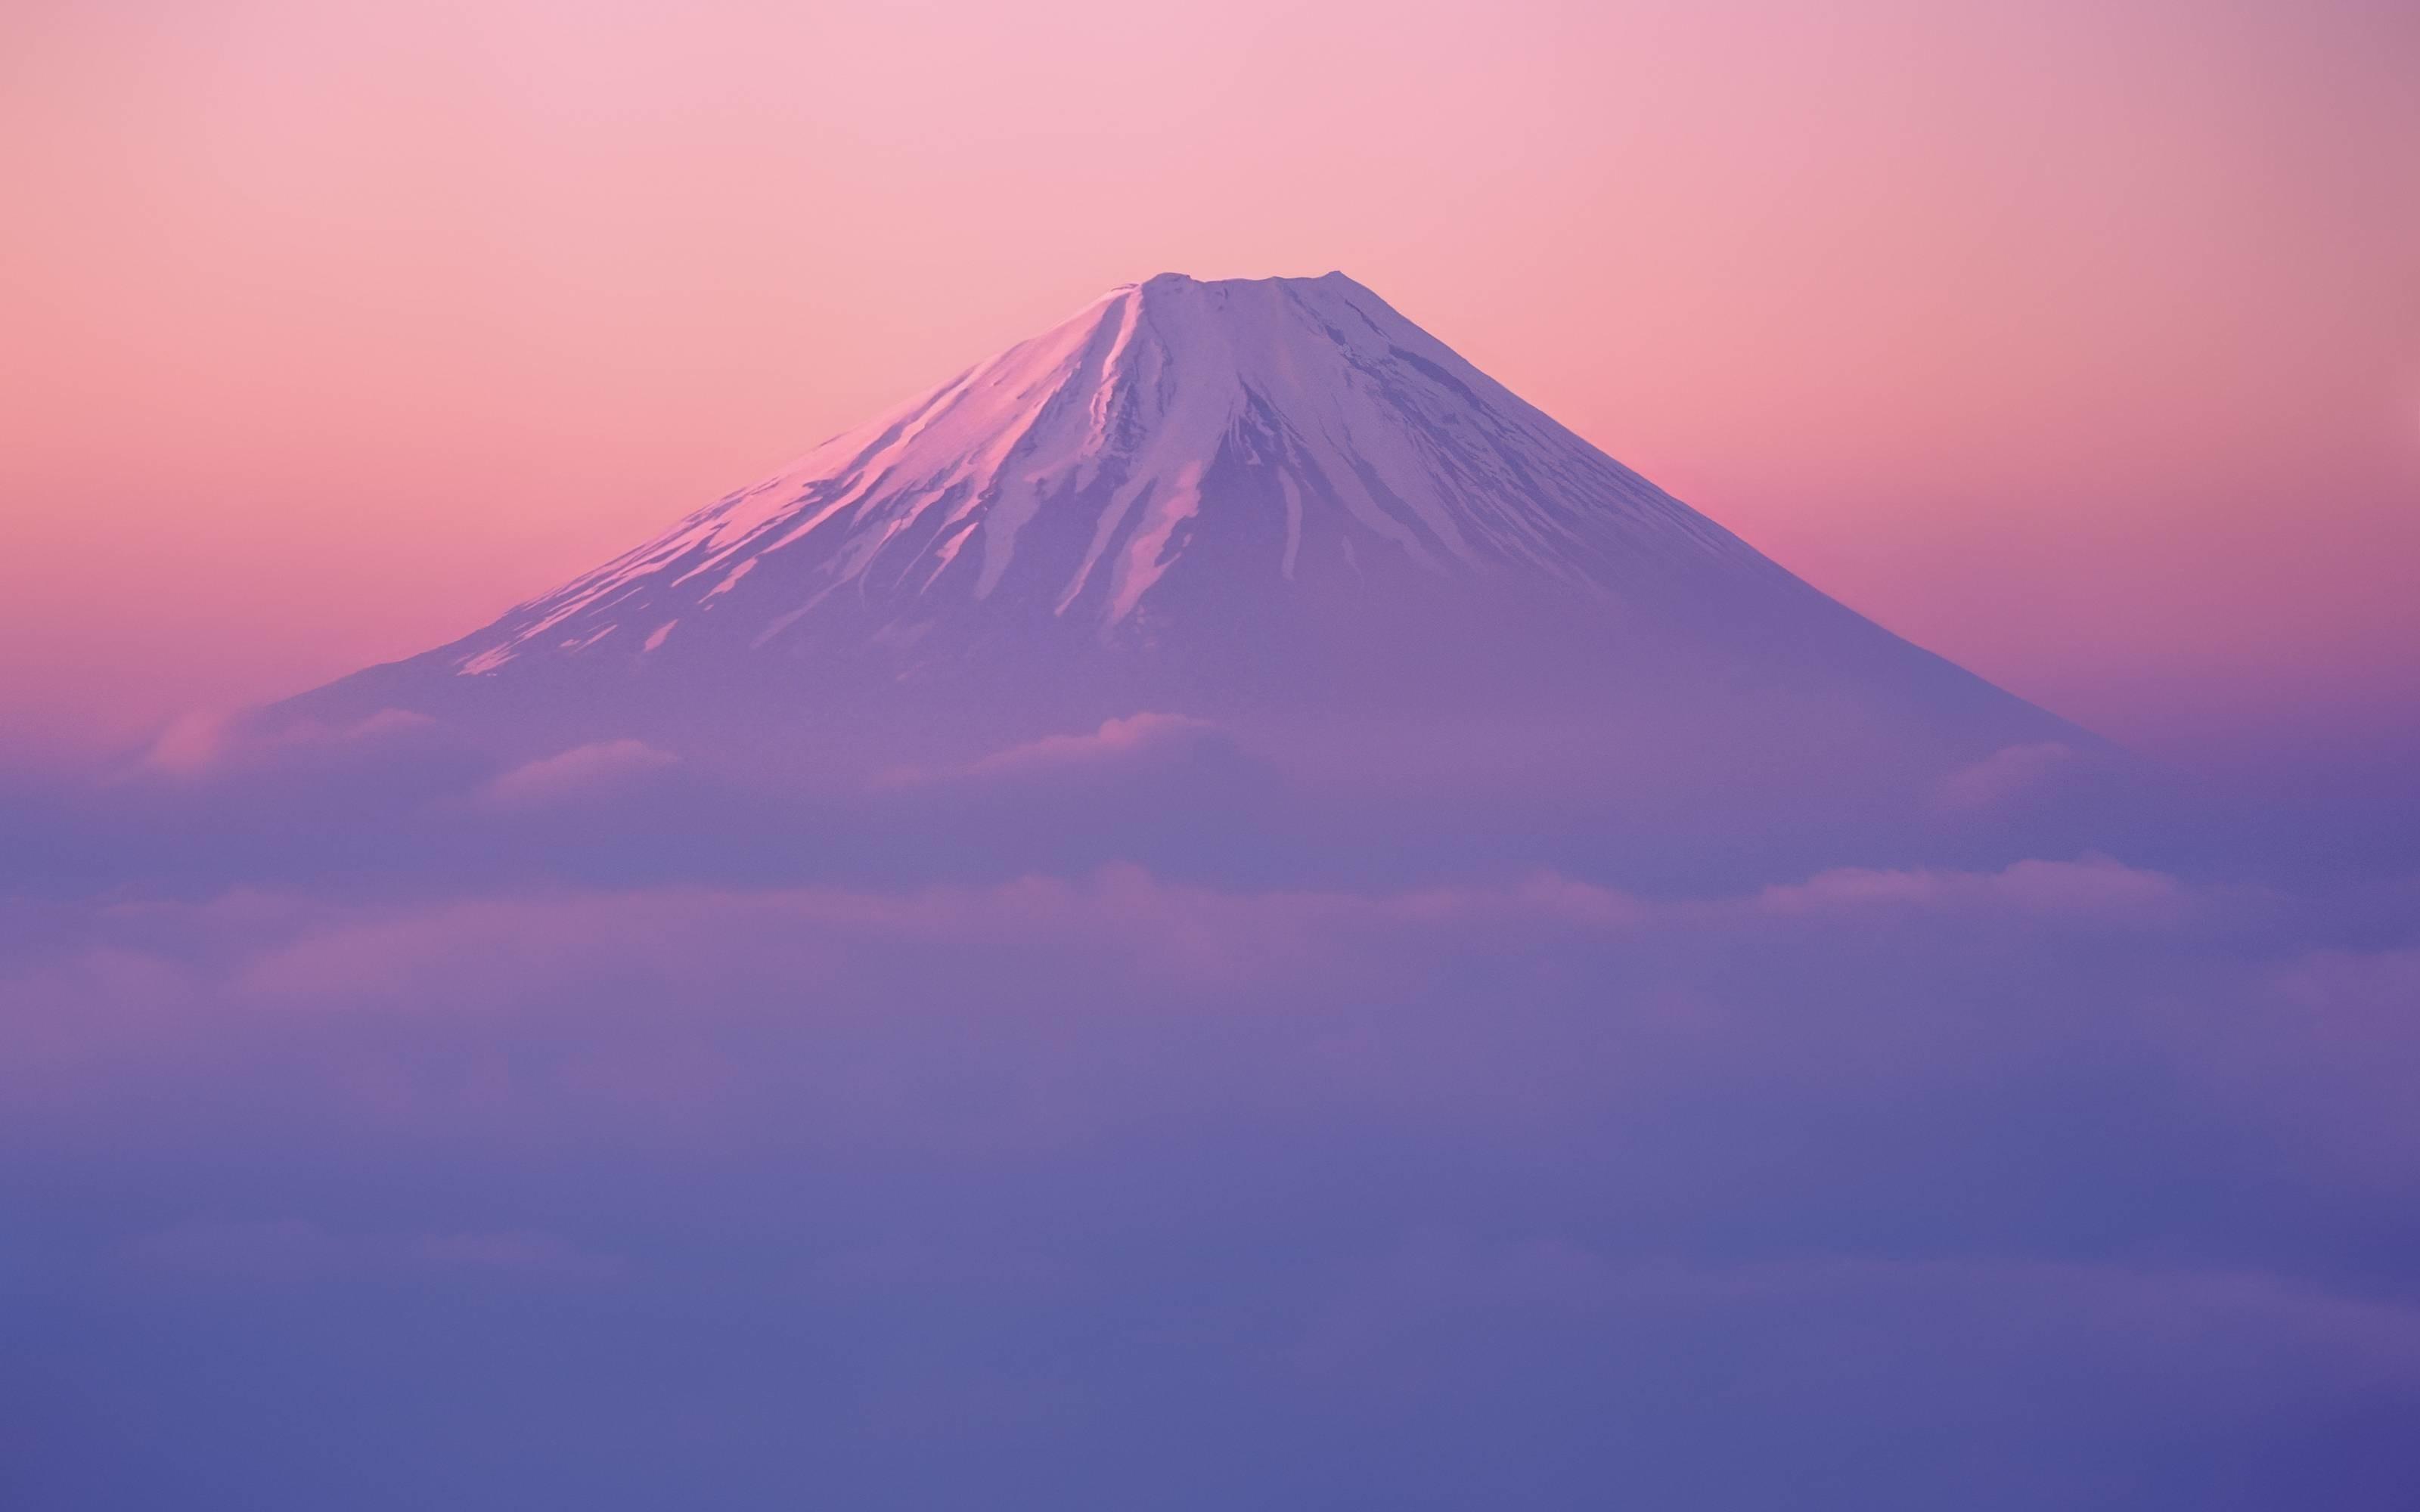 Mt Fuji Wallpaper 65 Images